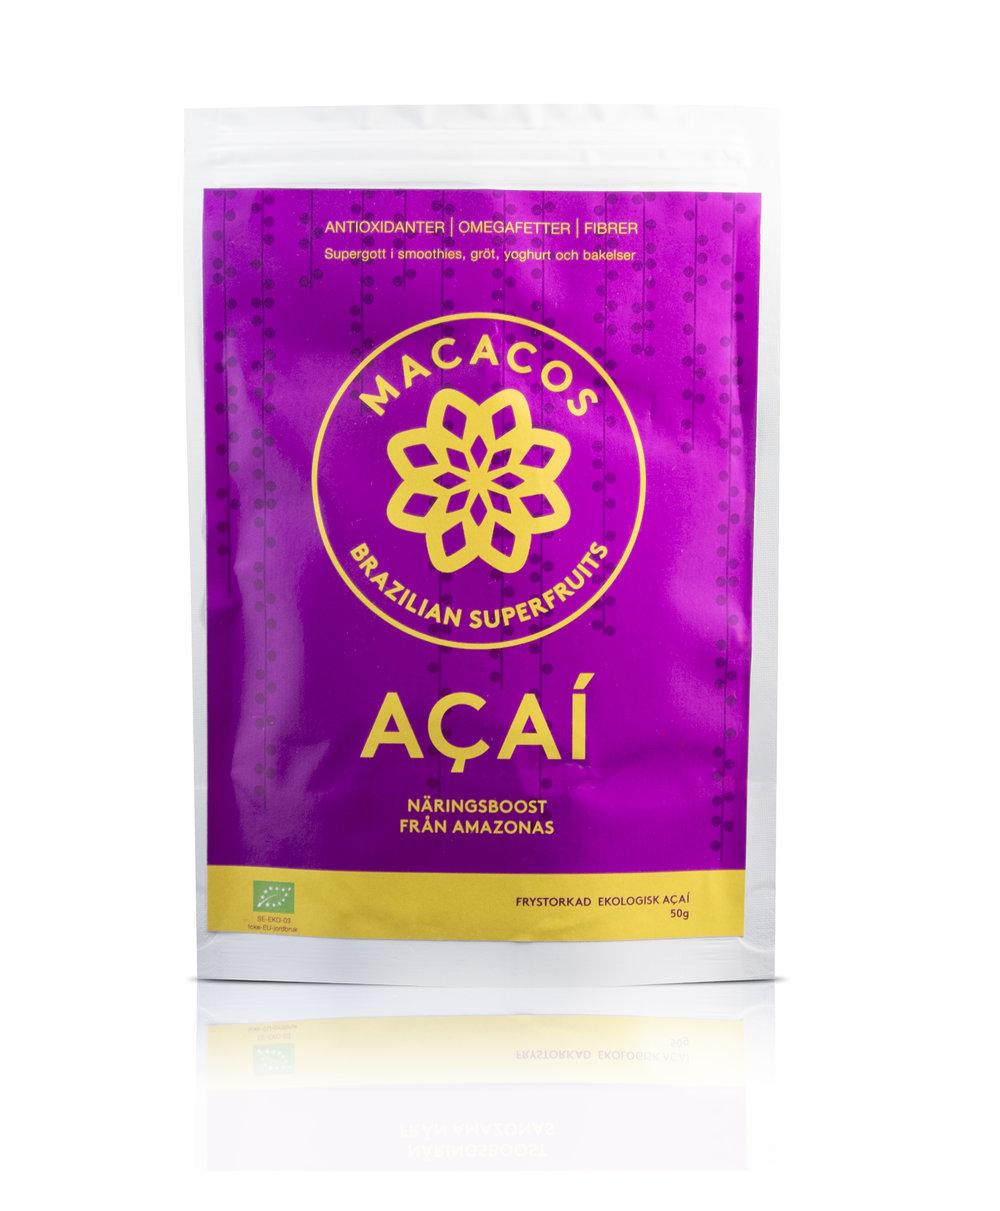 Acaipulver 50g (Ekologisk)  Gott, enkelt och nyttigt! MACACOS Acaipulver frystorkas direkt efter plockning för att bevara så mycket som möjligt av näringen. Du behöver inte kämpa för att få i dig nyttigheter! Smaken påminner om kakao och vilda bär - proppad med antioxidanter och fibrer!